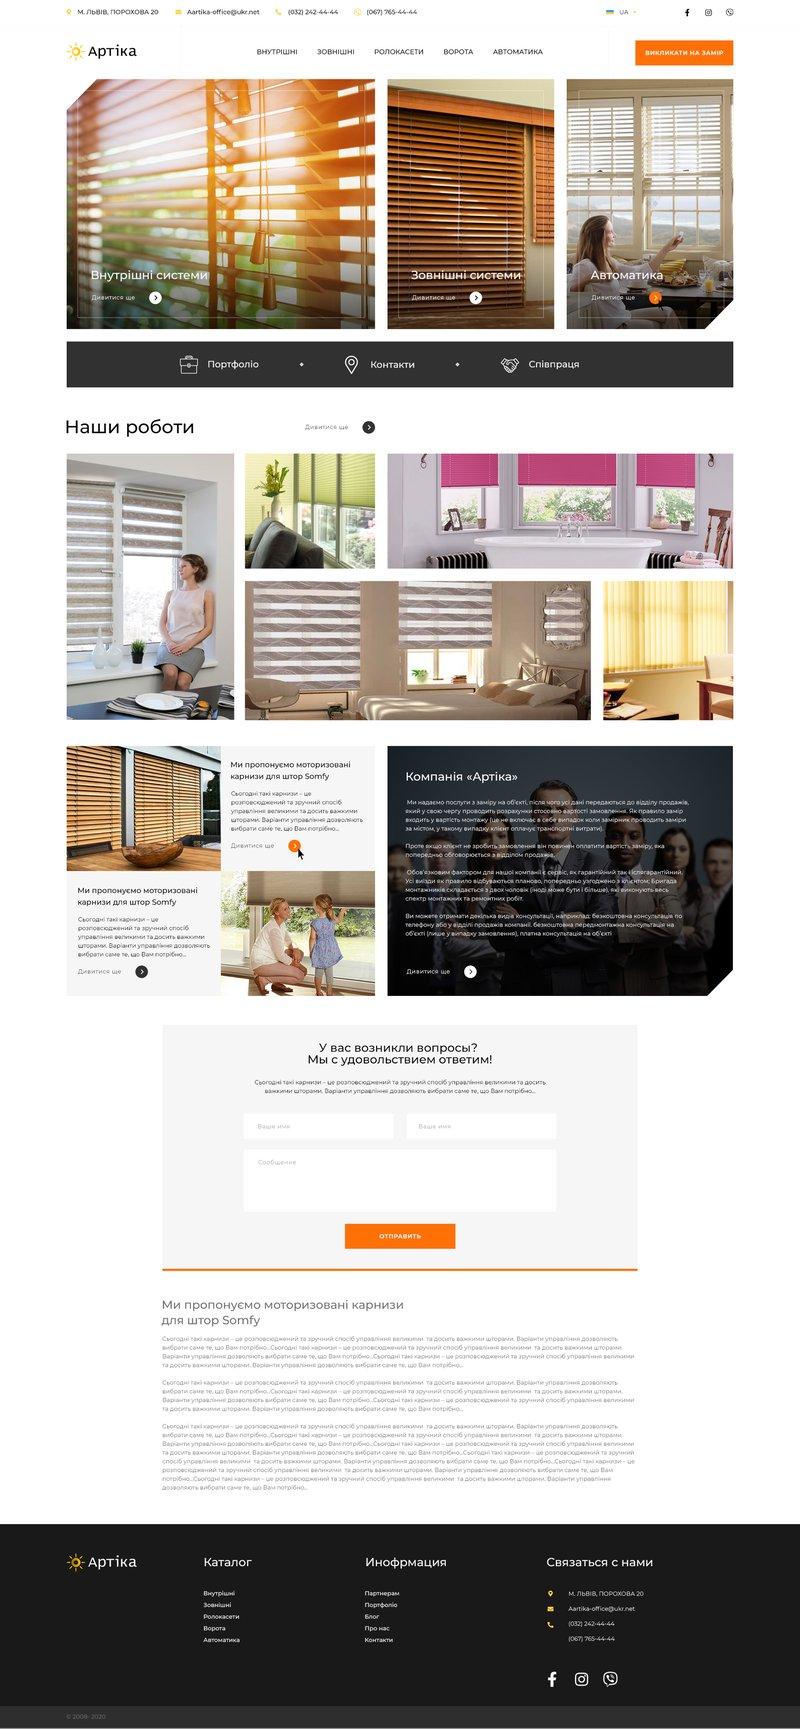 Дизайн сайта жалюзей – работа в портфолио фрилансера